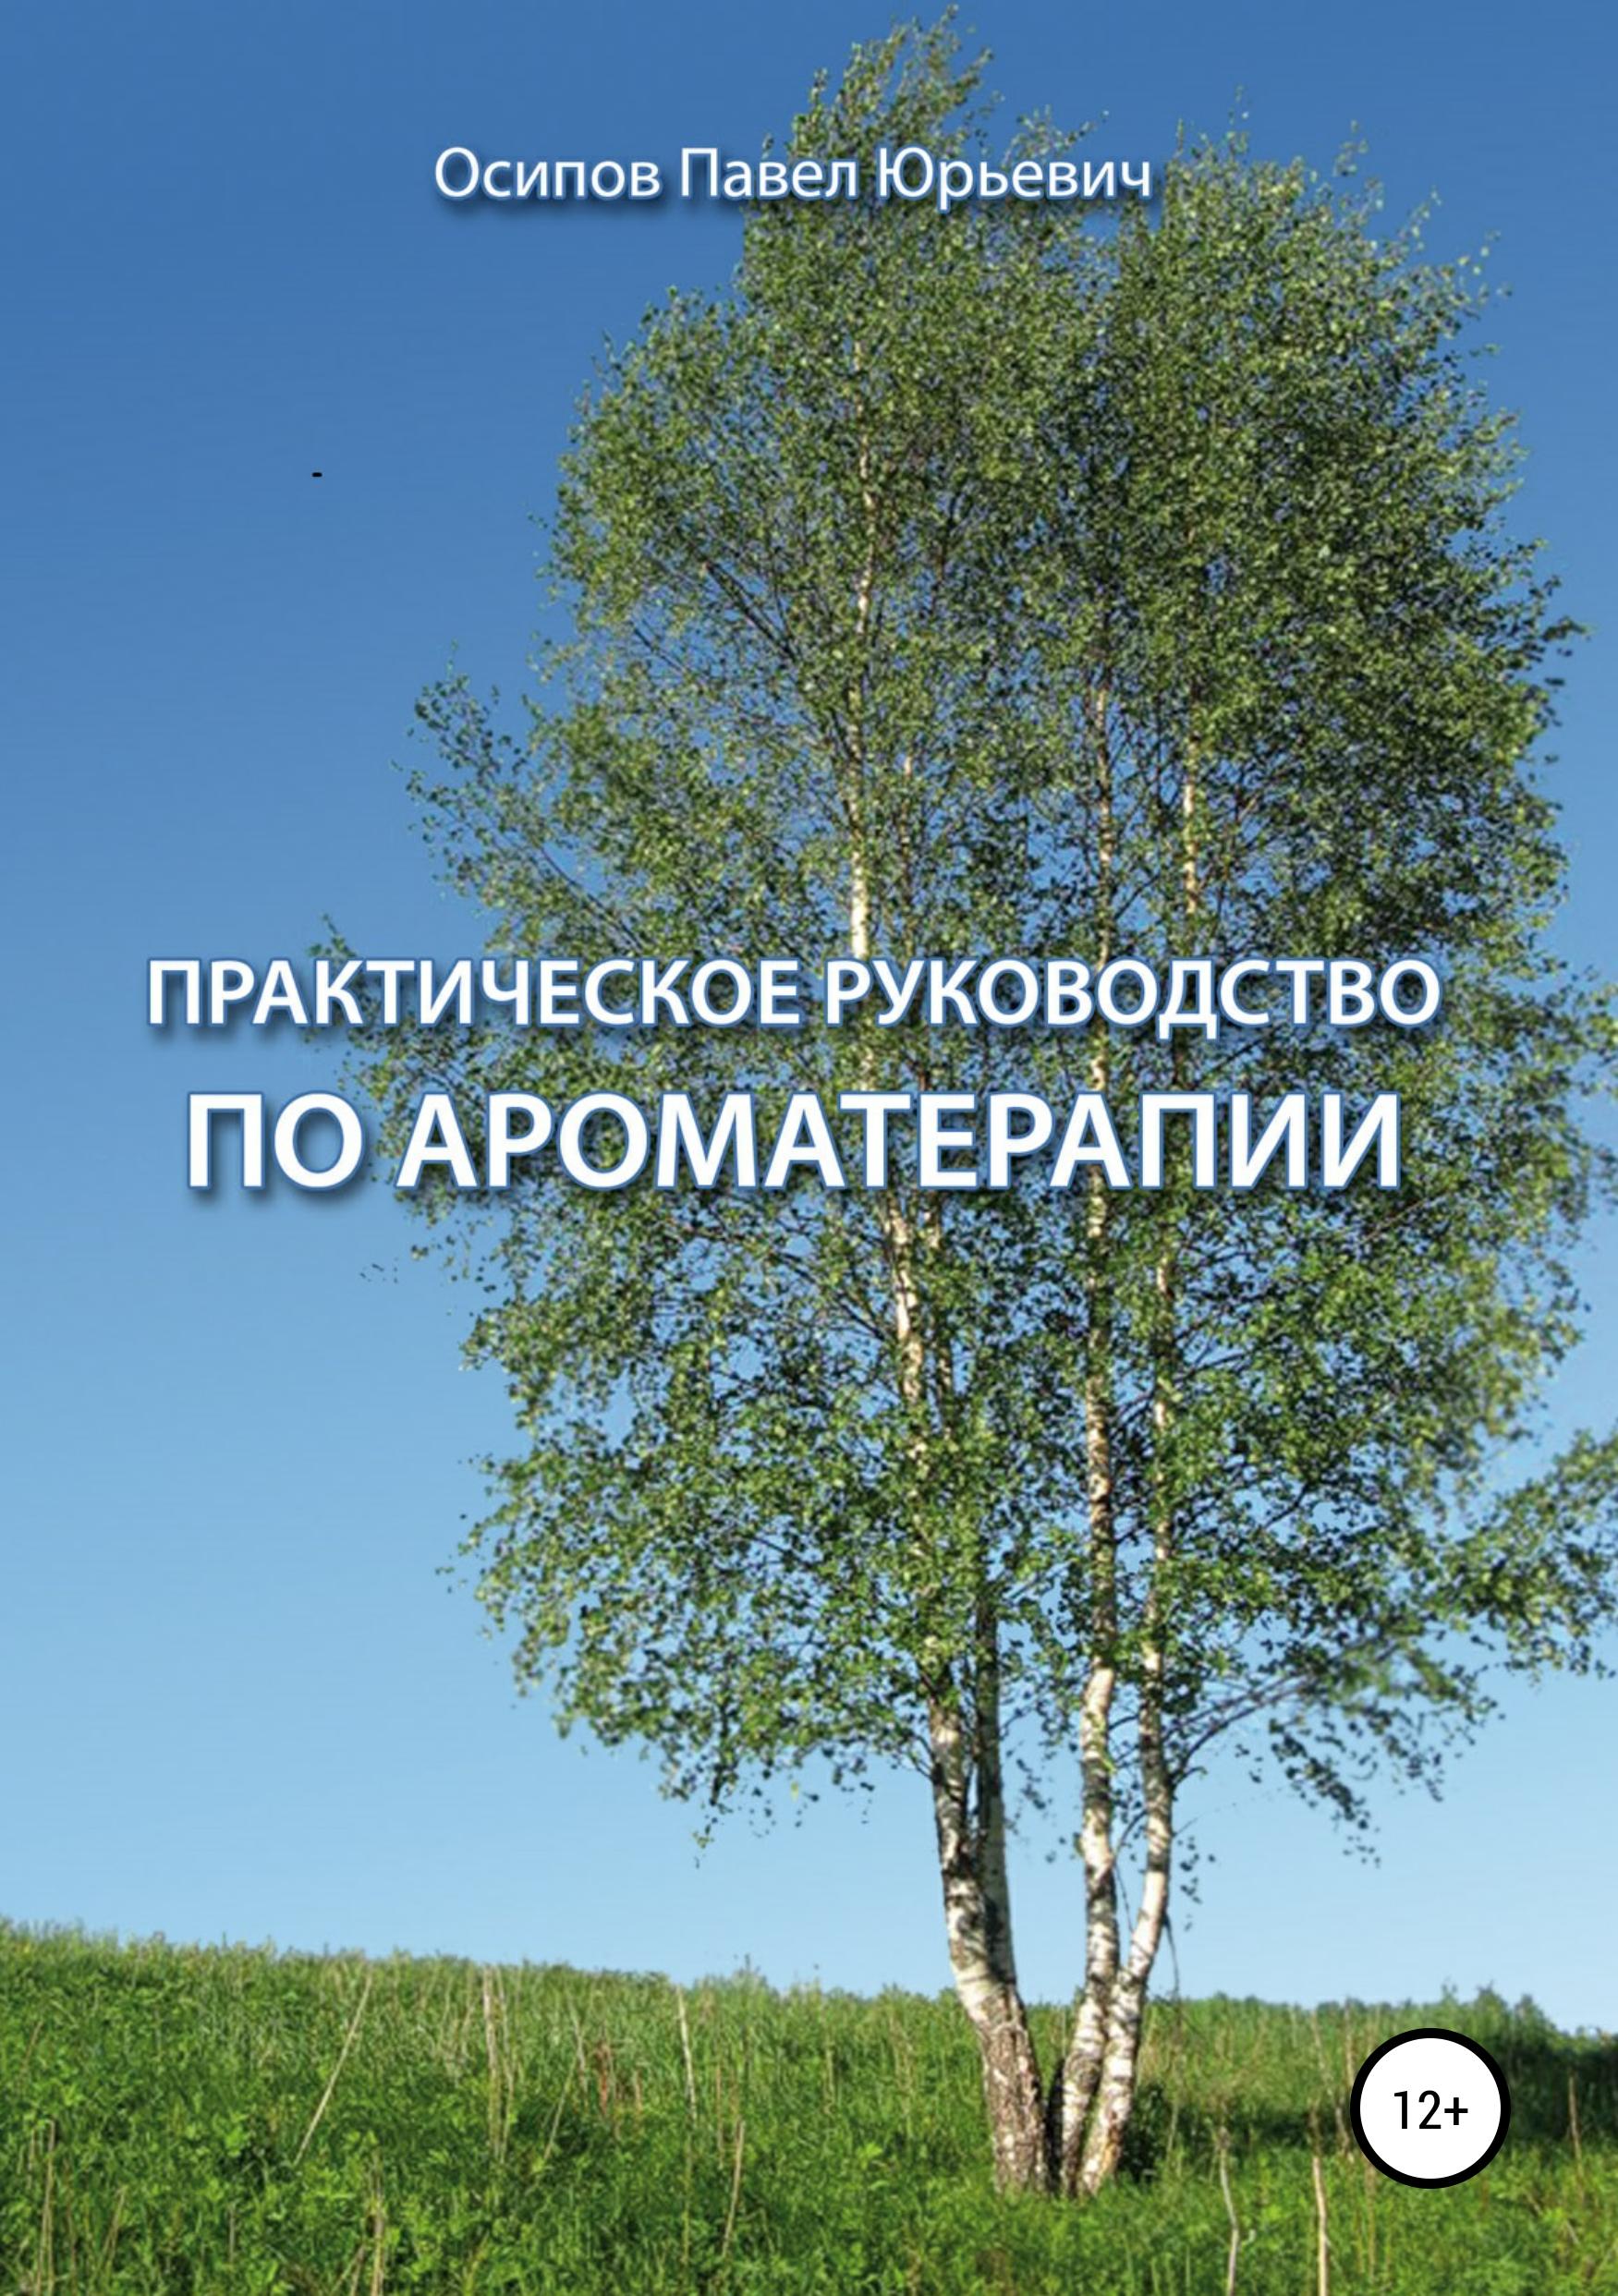 Купить книгу Практическое руководство по ароматерапии, автора Павла Юрьевича Осипова